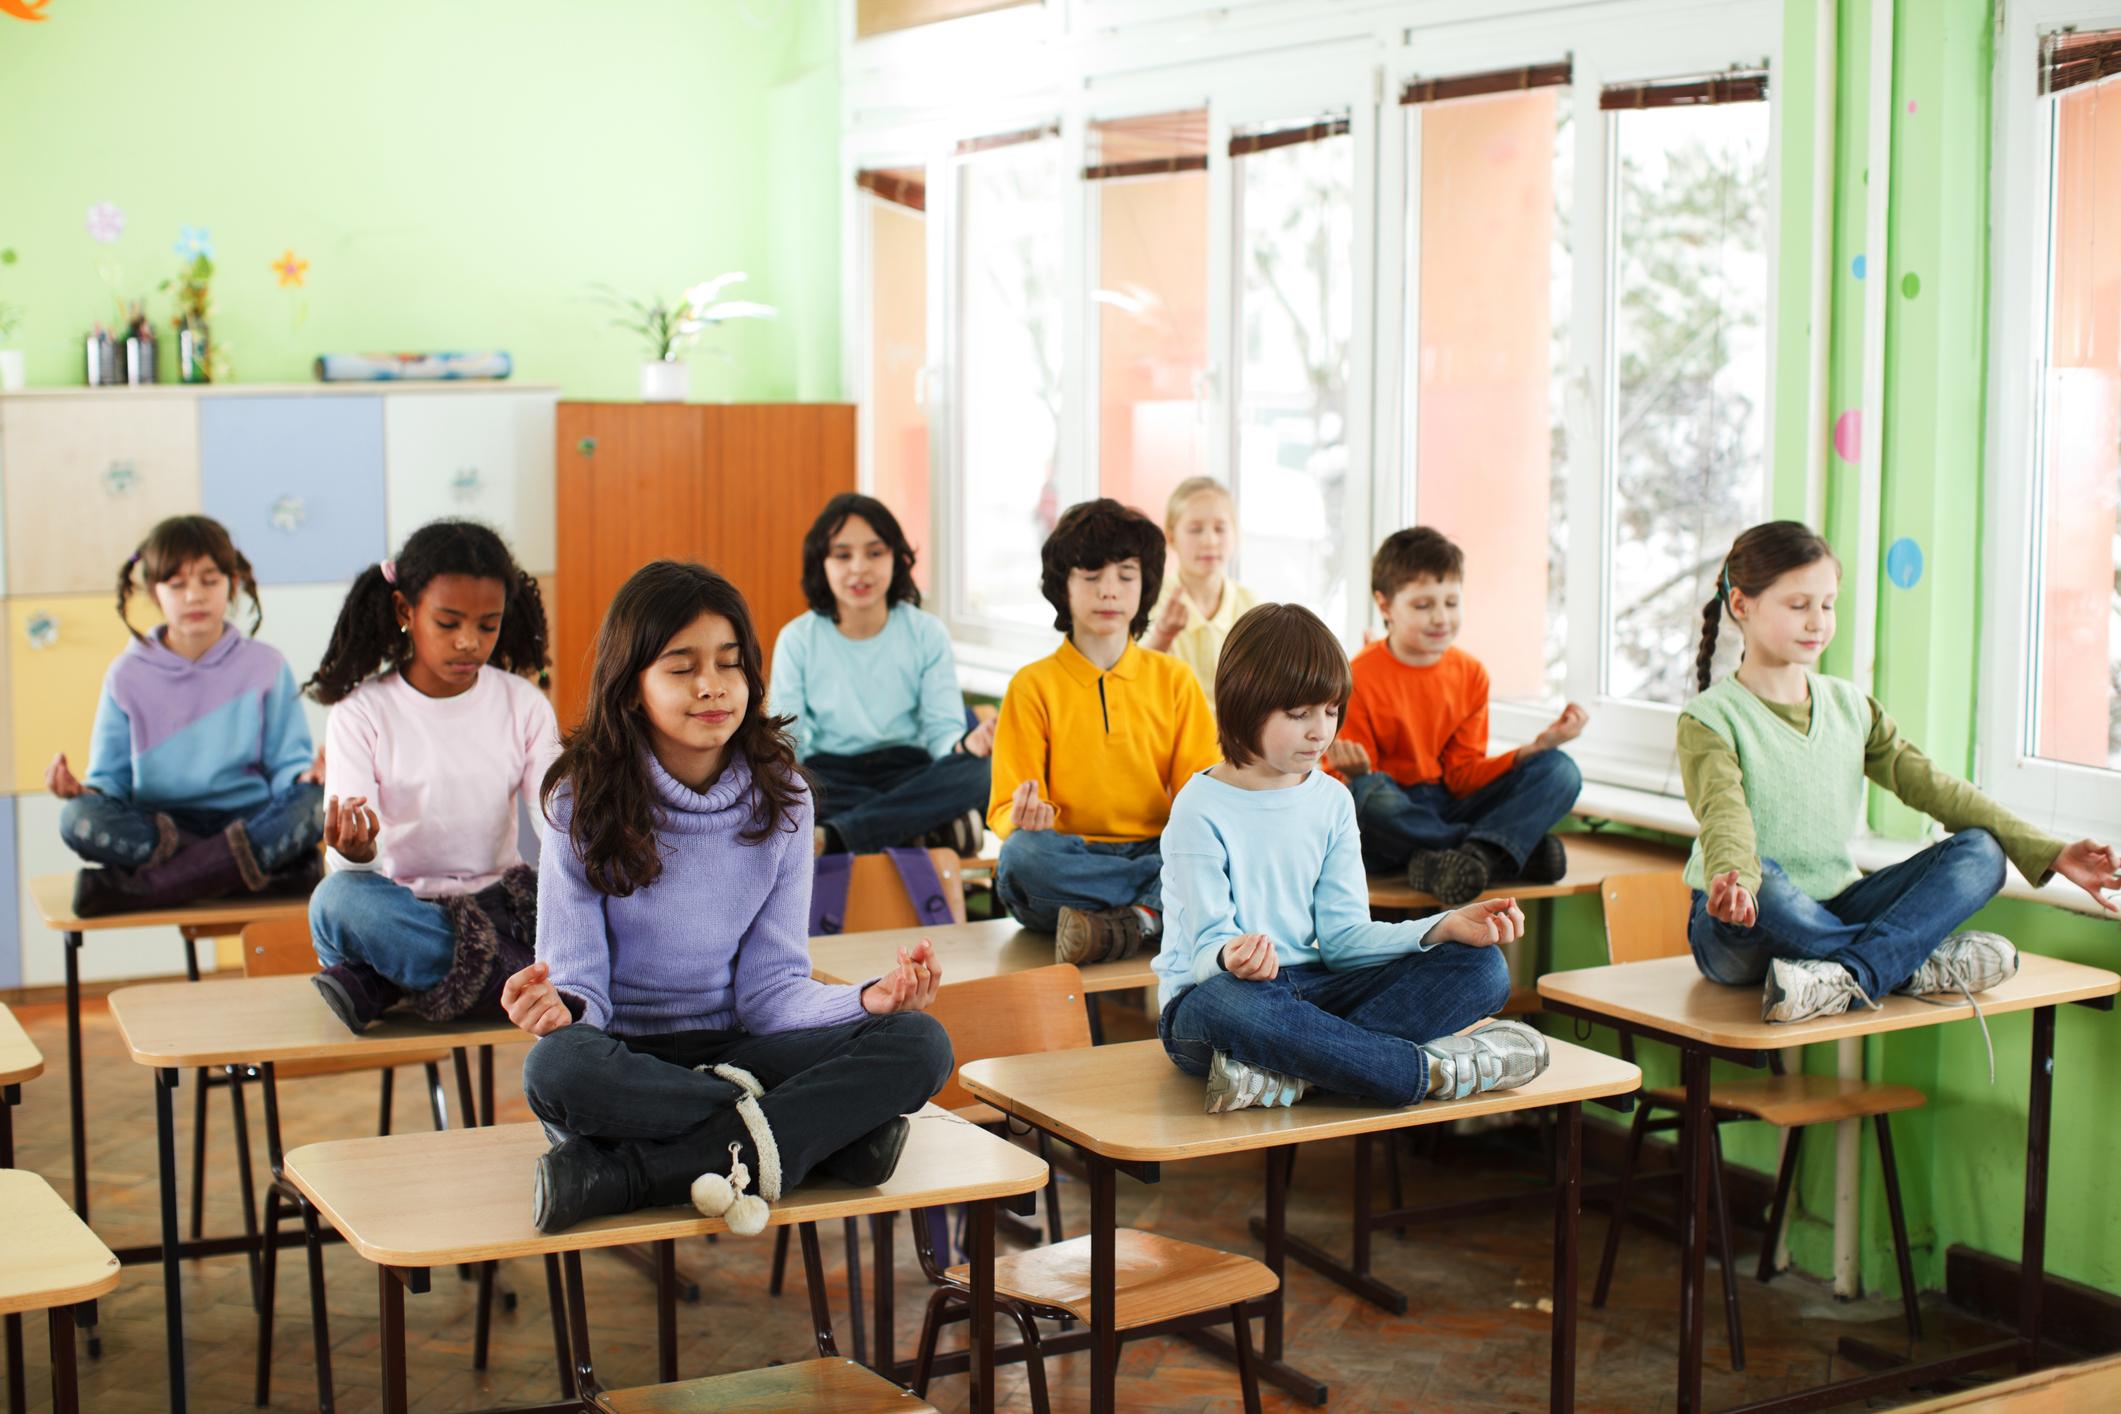 Grupo de alunos pratica meditação em sala de aula. Foto: Getty Images.